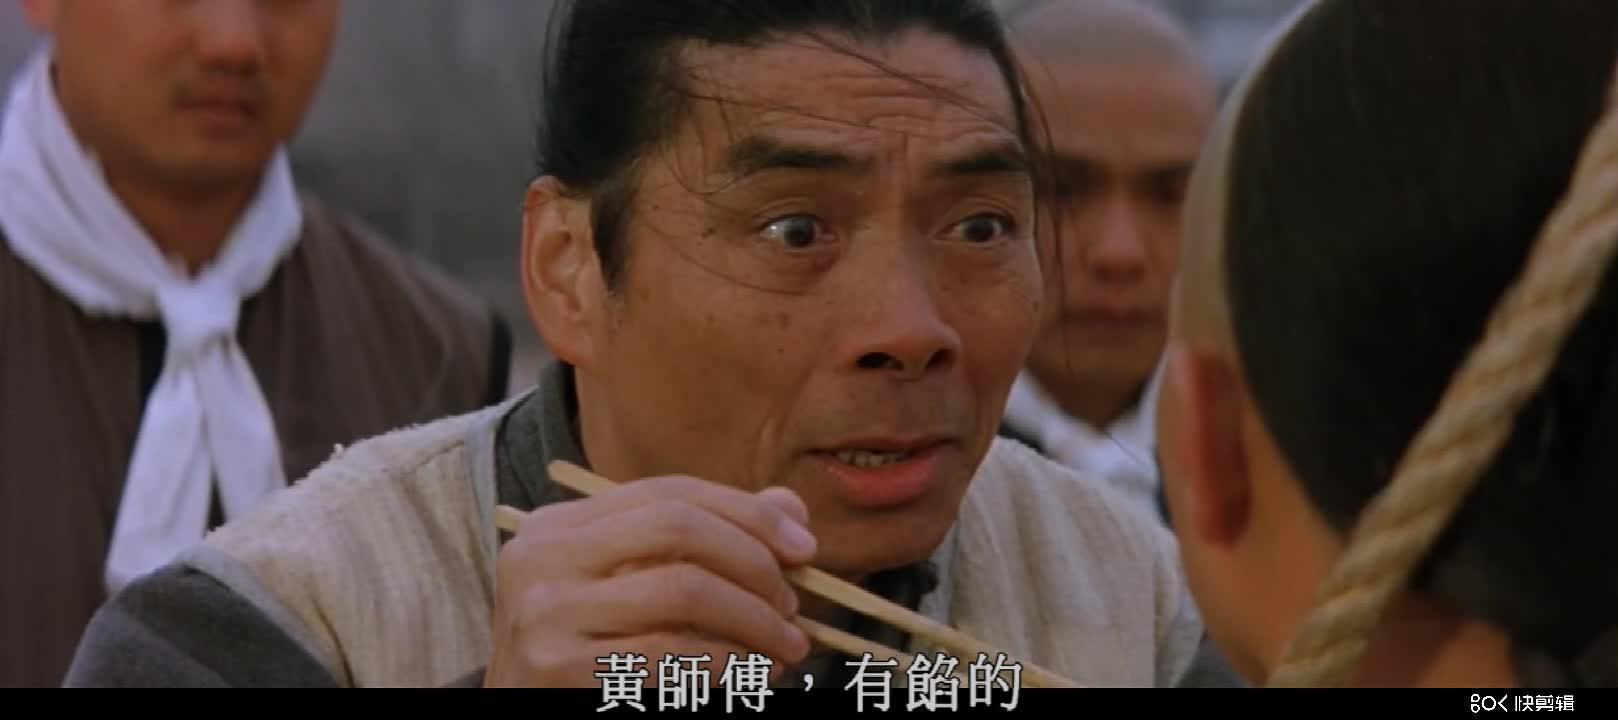 #经典看电影#李连杰巅峰时期,经典之作黄飞鸿之西域雄狮精彩片段